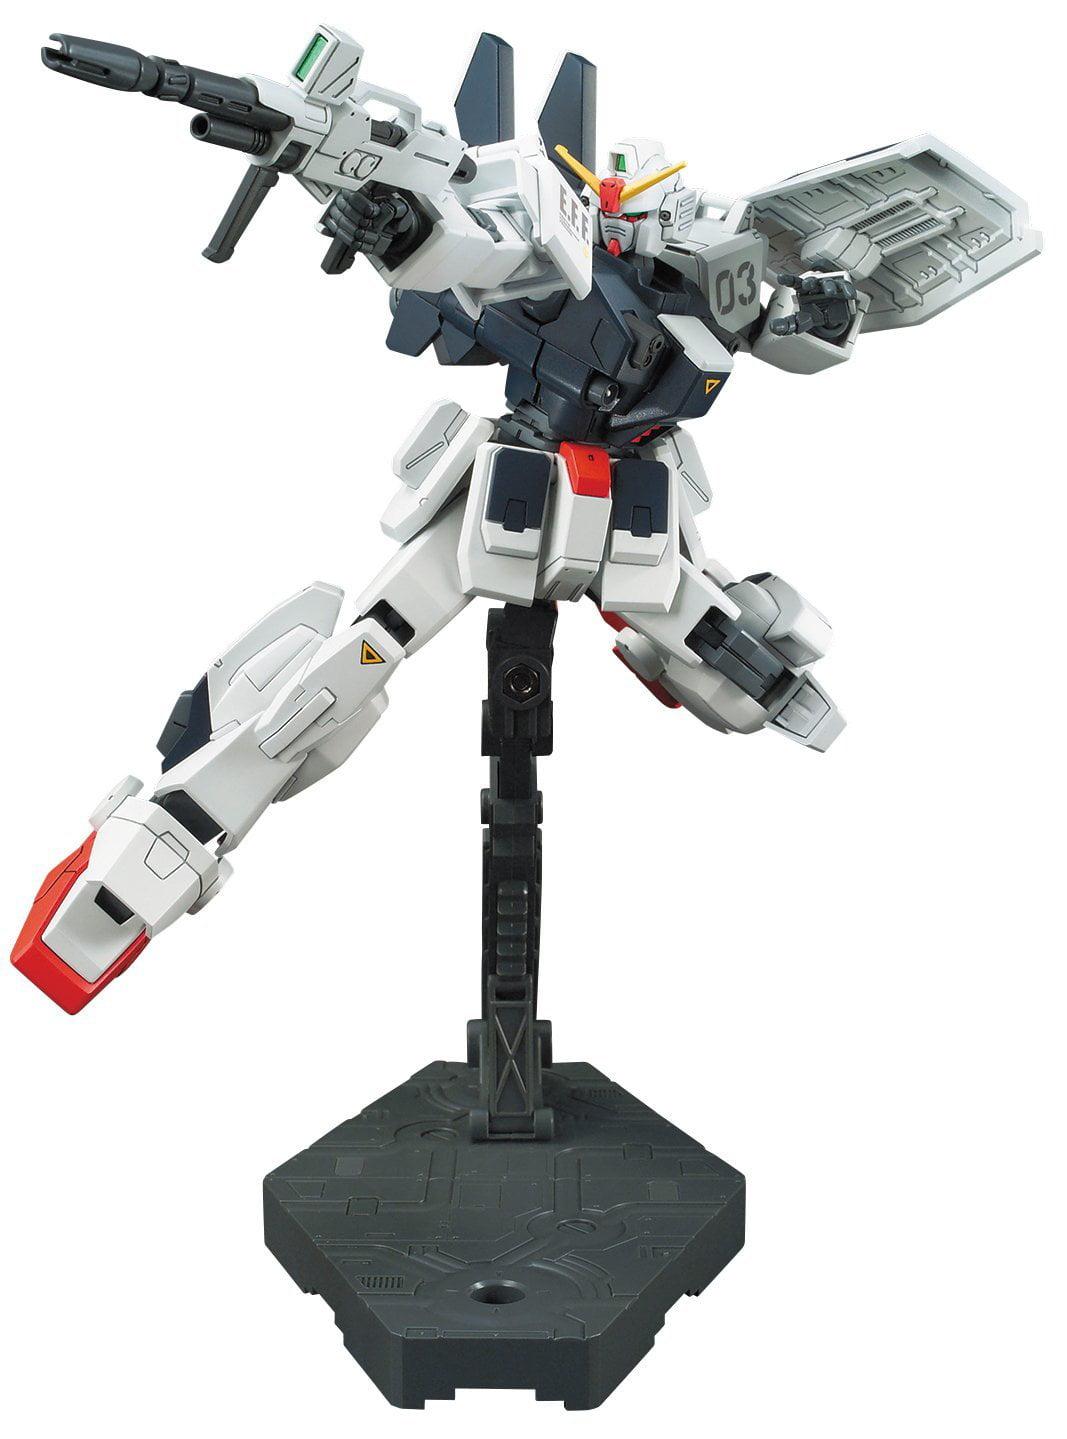 Gundam: The Blue Destiny Blue Destiny Unit 3 Exam High Grade 1:144 Scale Model Kit by